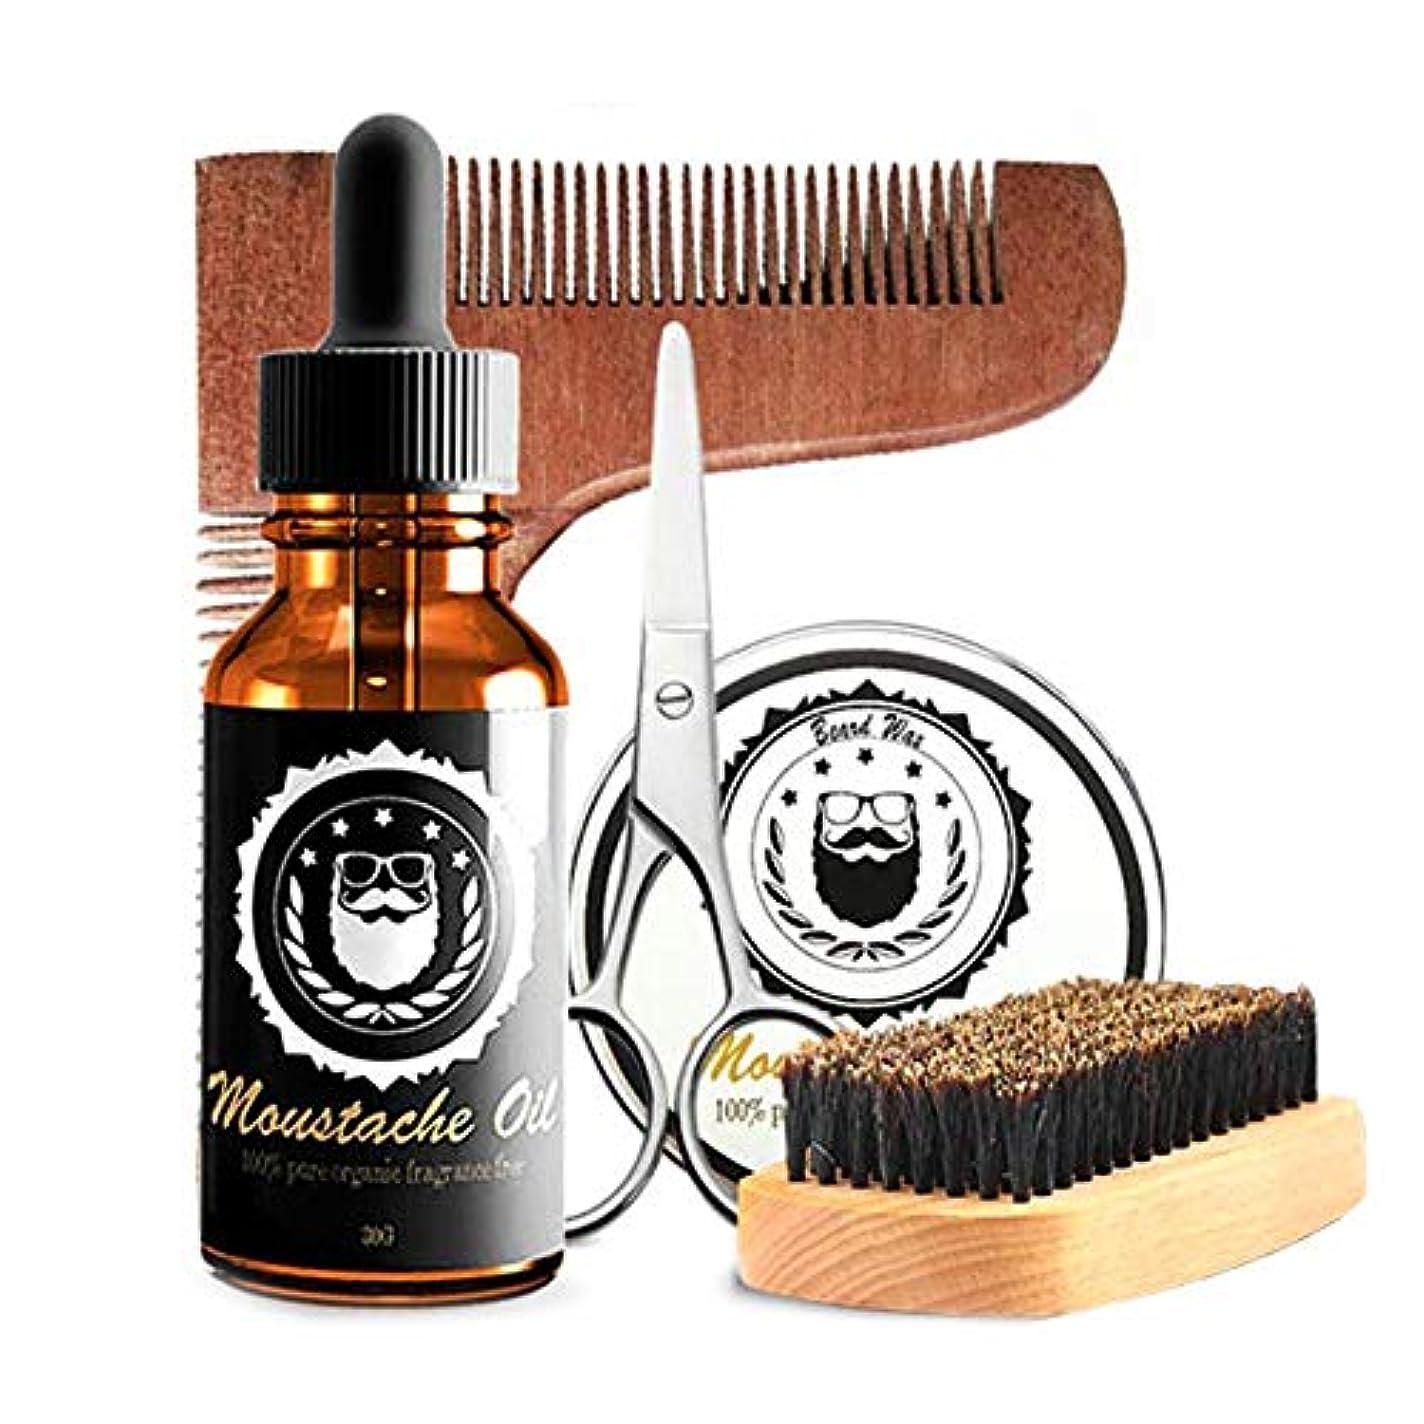 バージンクレデンシャルエゴイズムひげの心配セット、人のためのオイル、ワックス、ブラシ、はさみが付いている良質のひげのキット